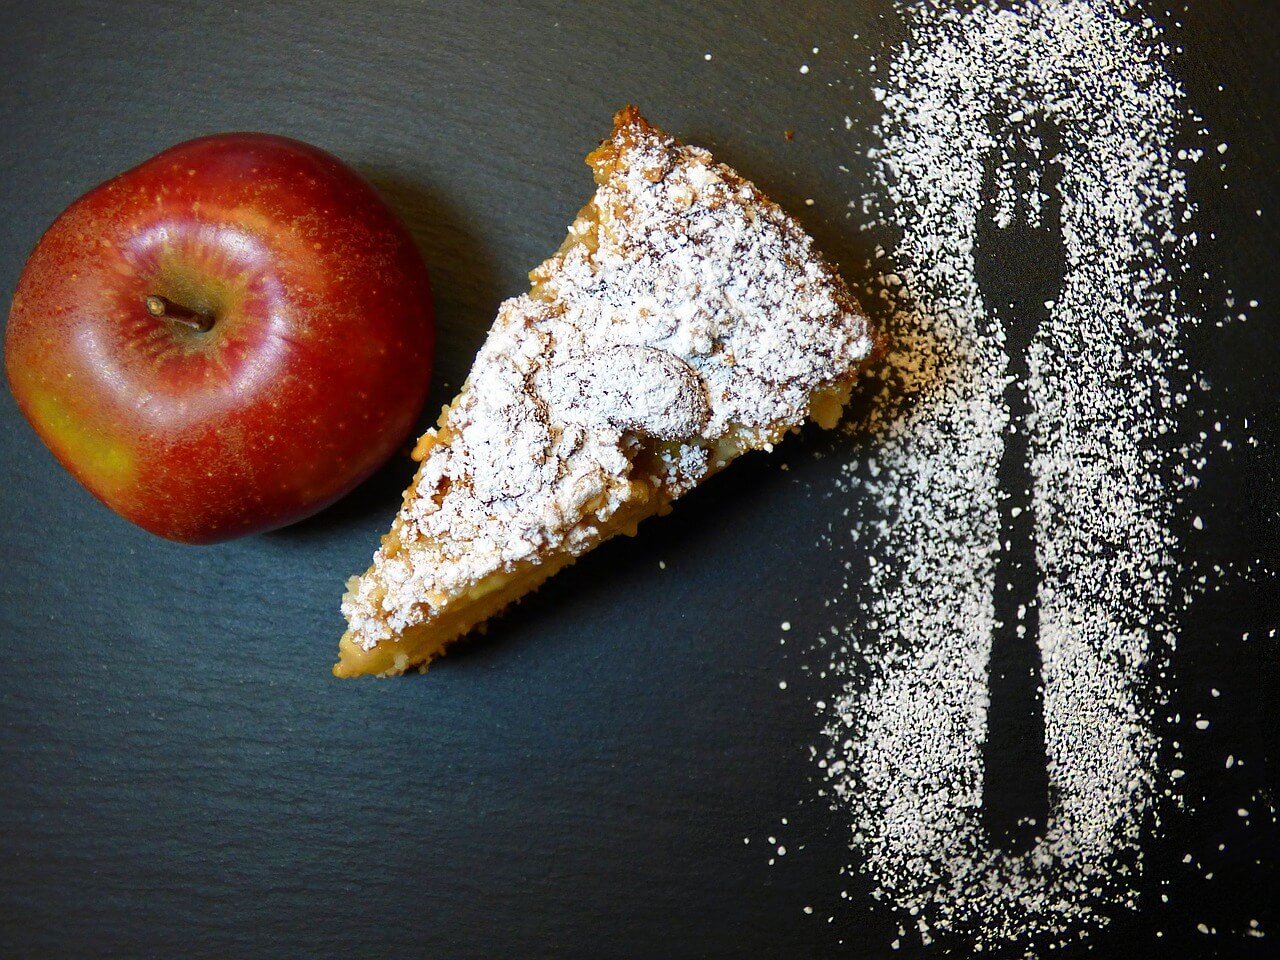 Ποια είναι η καλύτερη μηλόπιτα;-featured_image